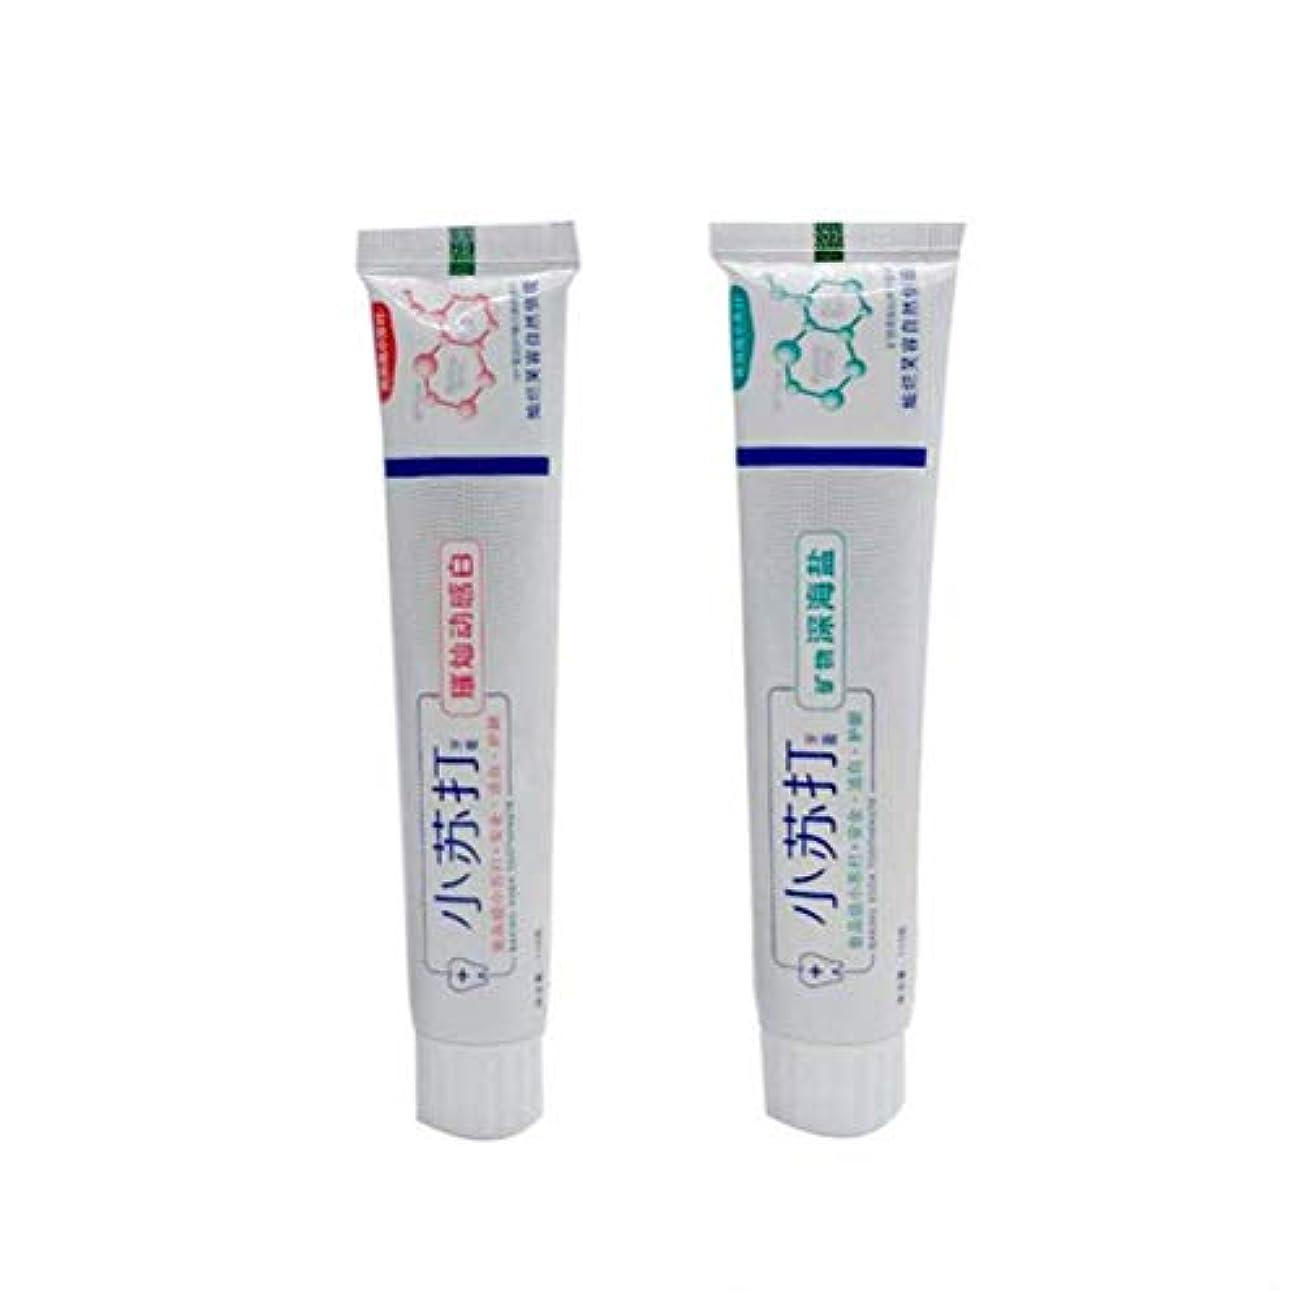 宿題をするペグやるSefod 2PCS美白用歯磨き粉 小ソーダ 天然草本の精華 美白/歯周病予防